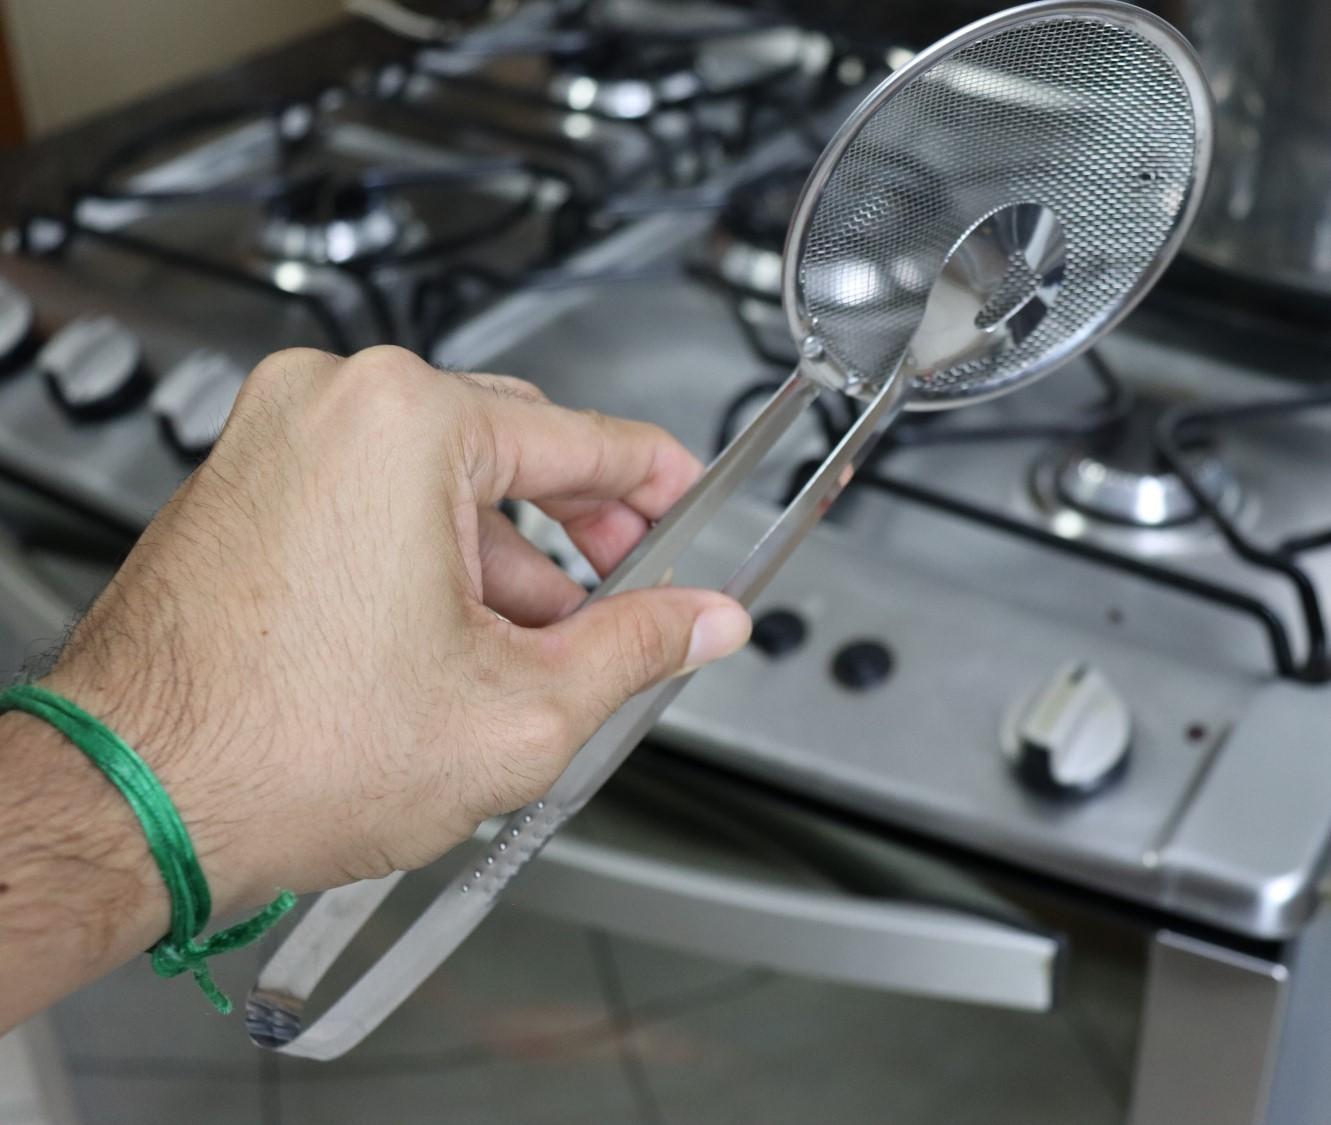 Escumadeira para frituras com pegador utensílio de cozinha em aço inox 29cm